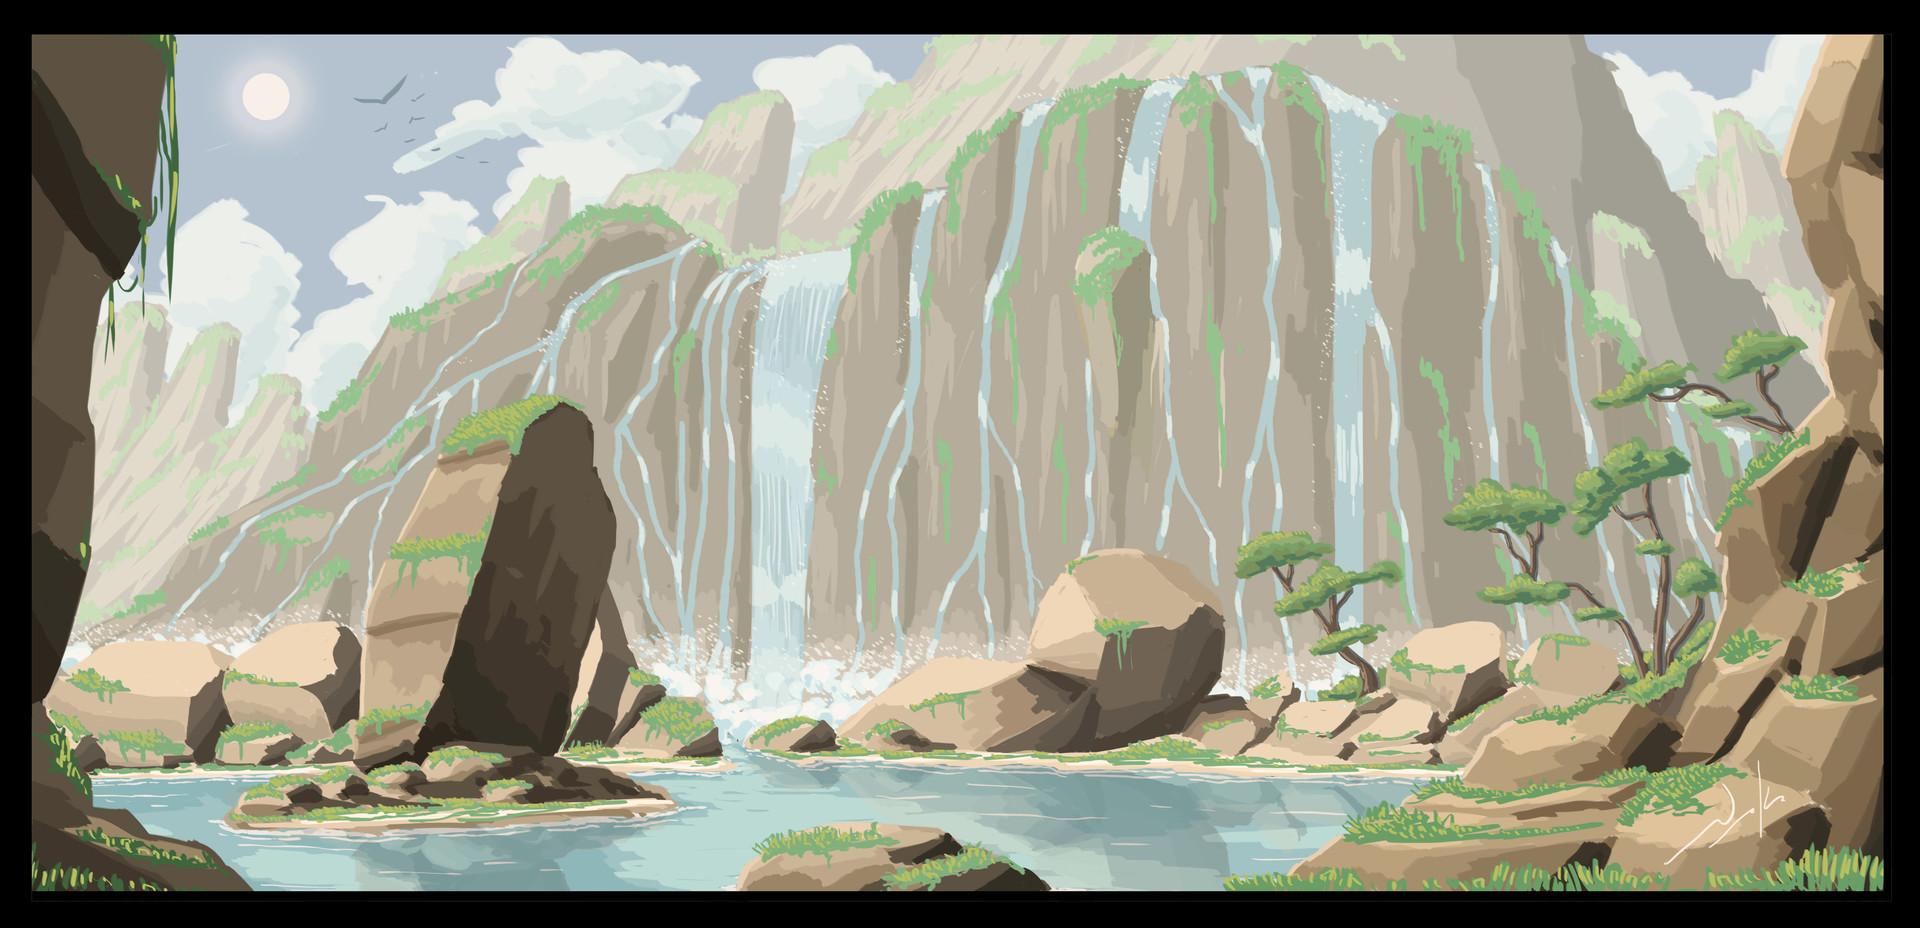 Naka isurita waterfalls